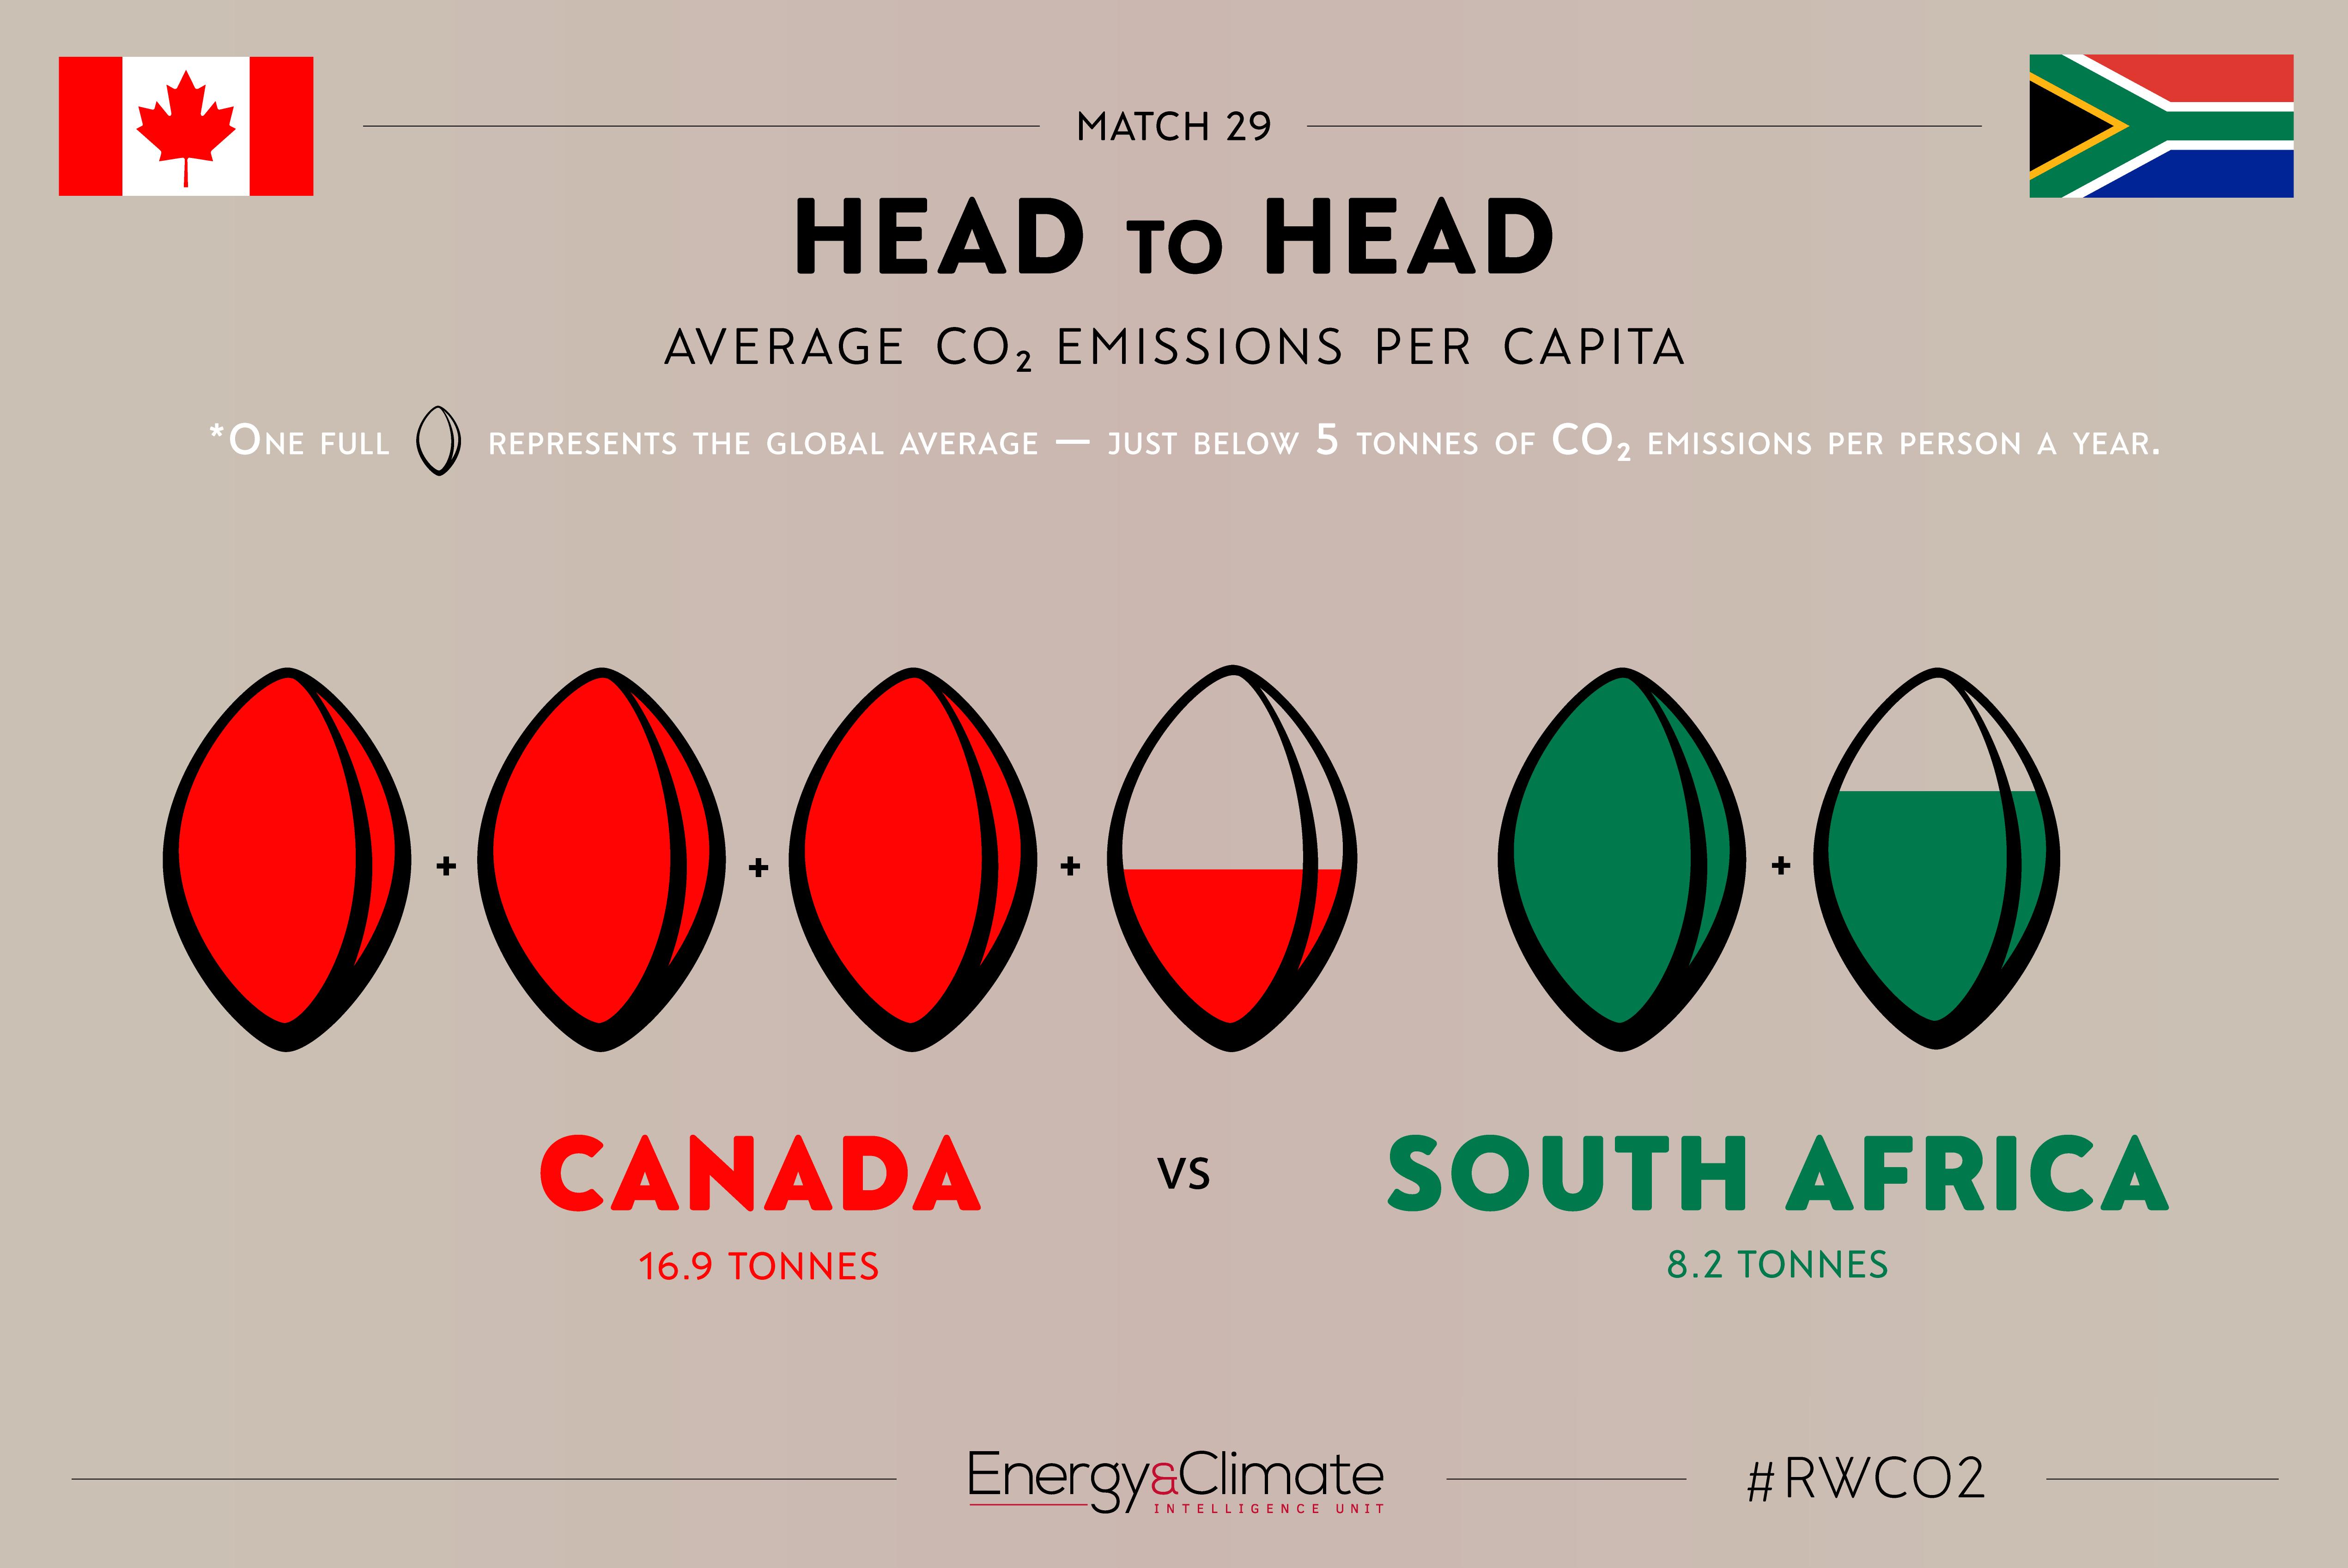 Canada v South Africa per capita emissions